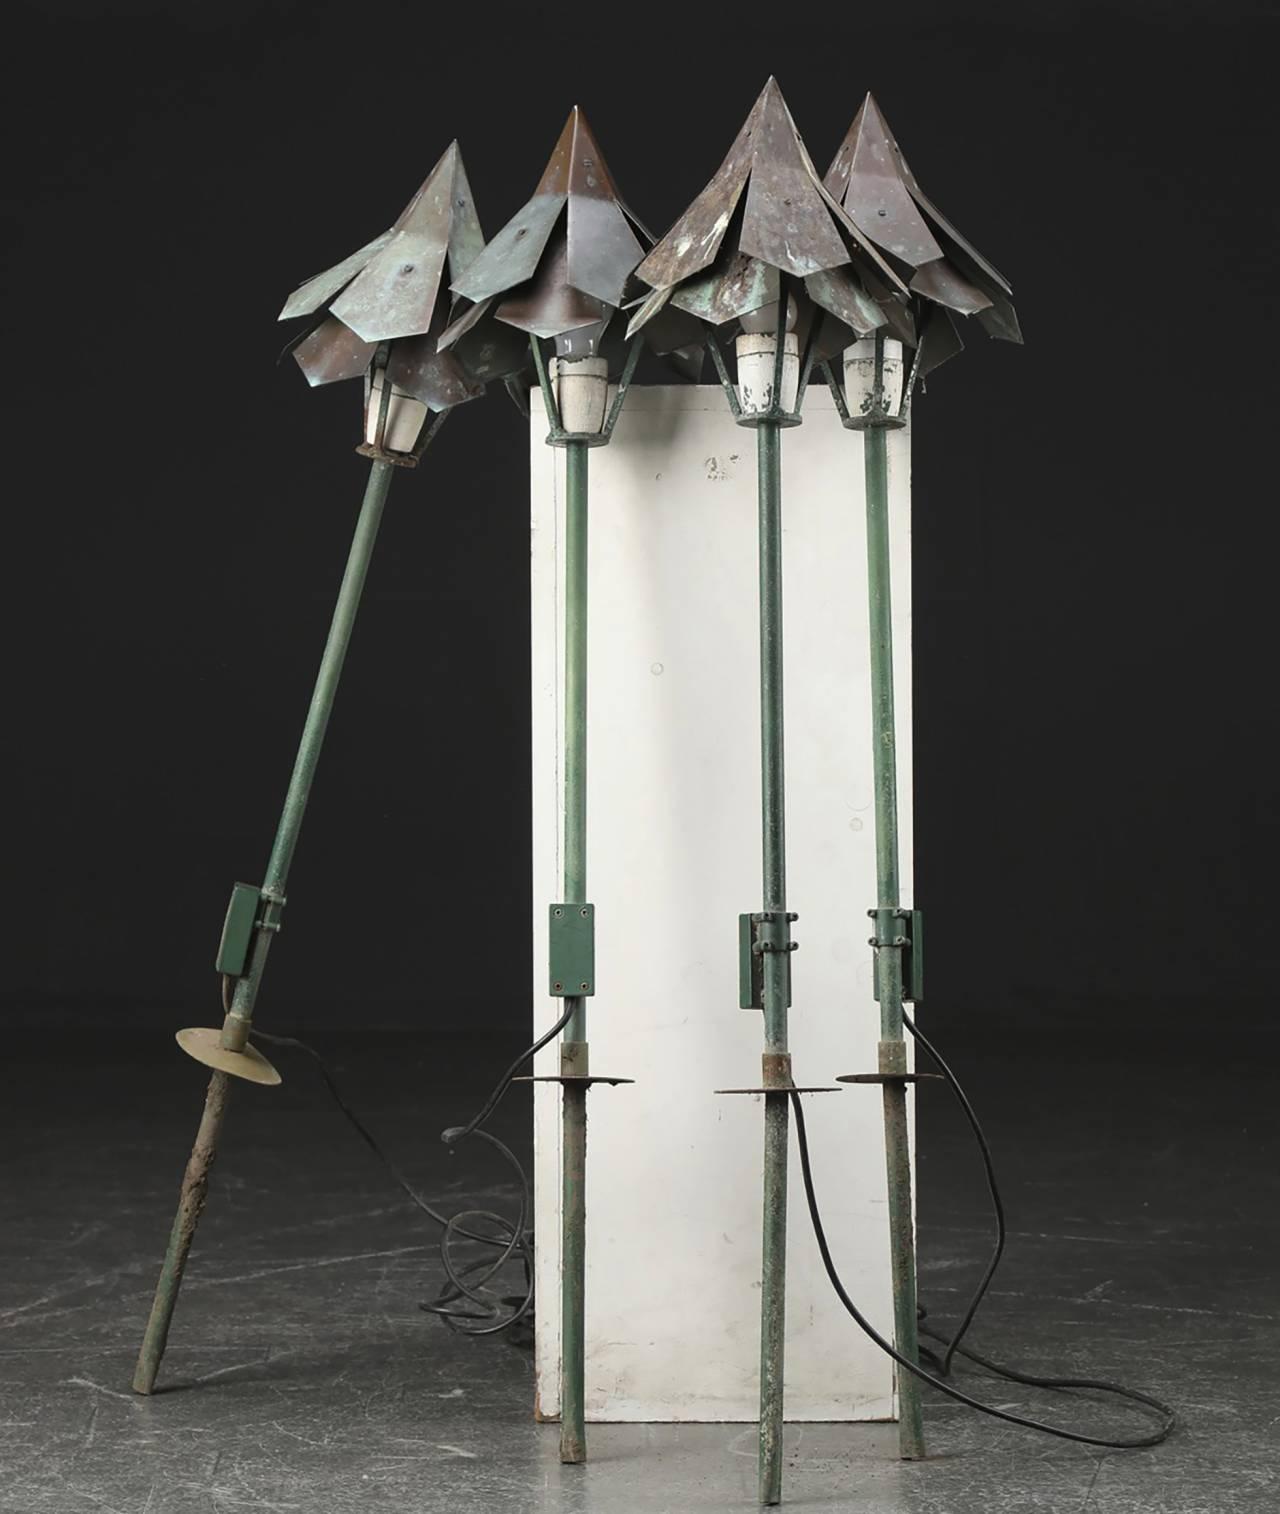 1962 formgav Simon P. Henningsen trädgårdslampor i galvaniserad metall till restaurang Divan 2 på Tivoli.